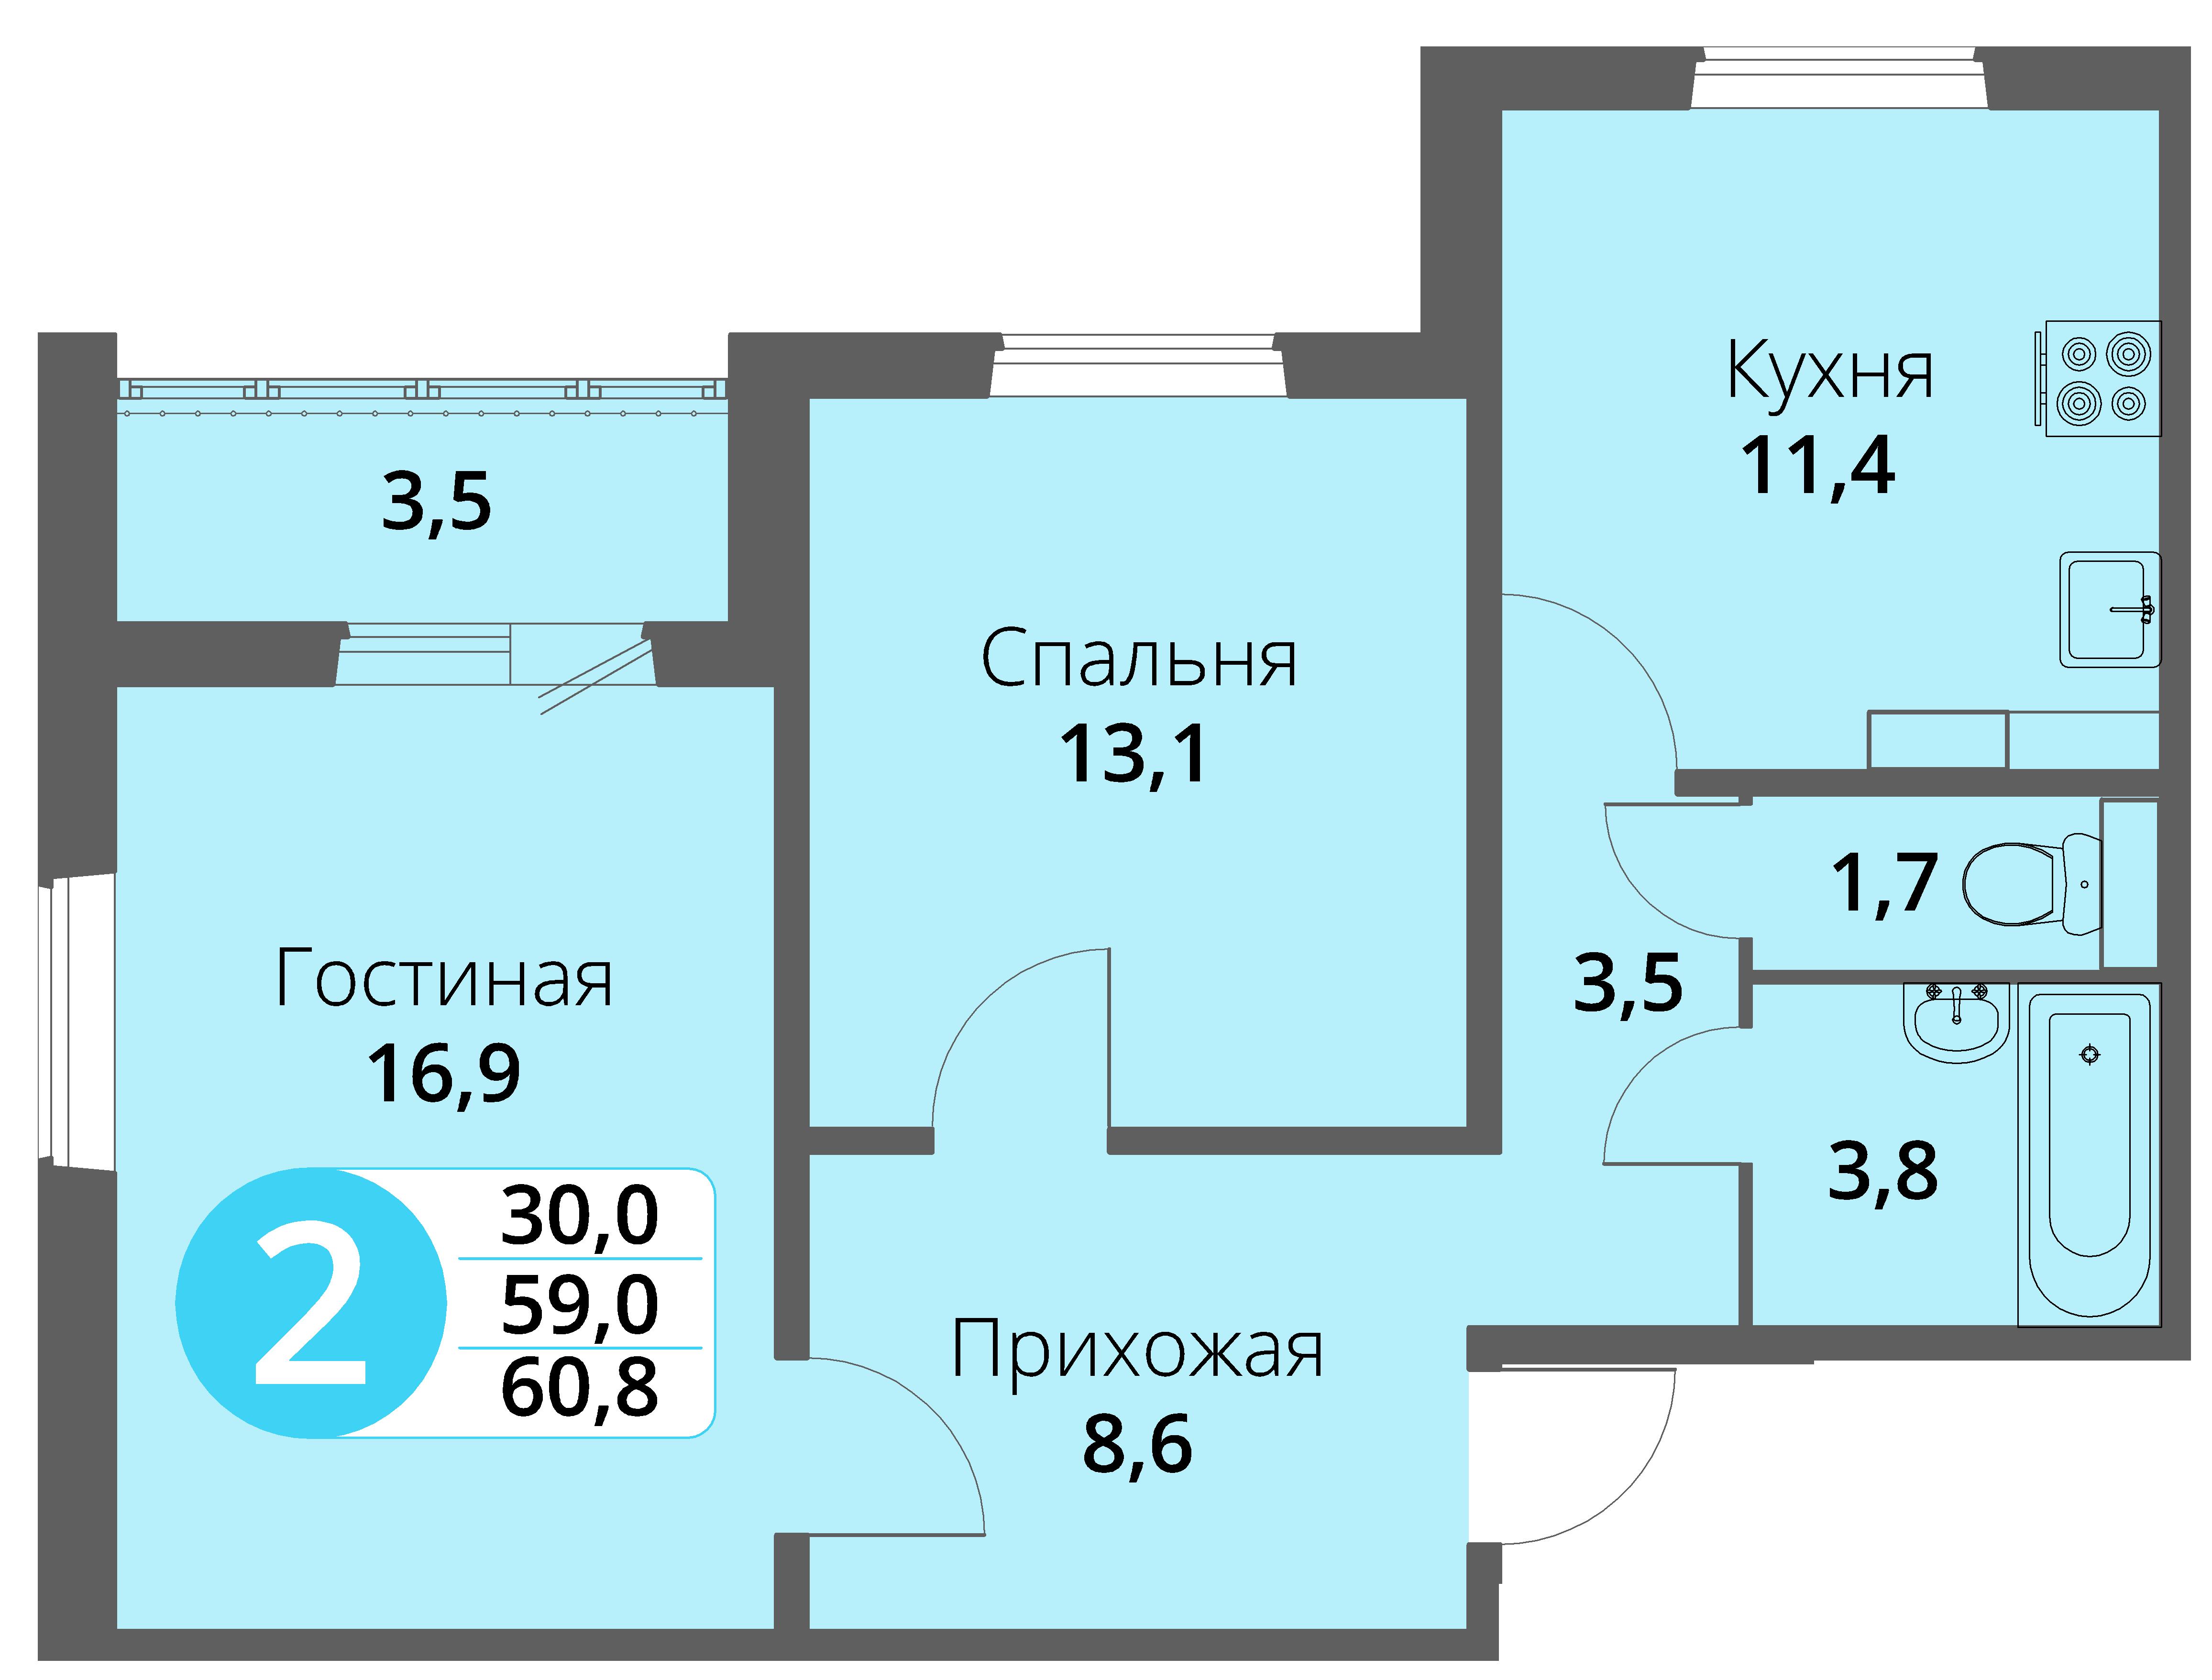 Зареченская 1-1, квартира 160 - Двухкомнатная